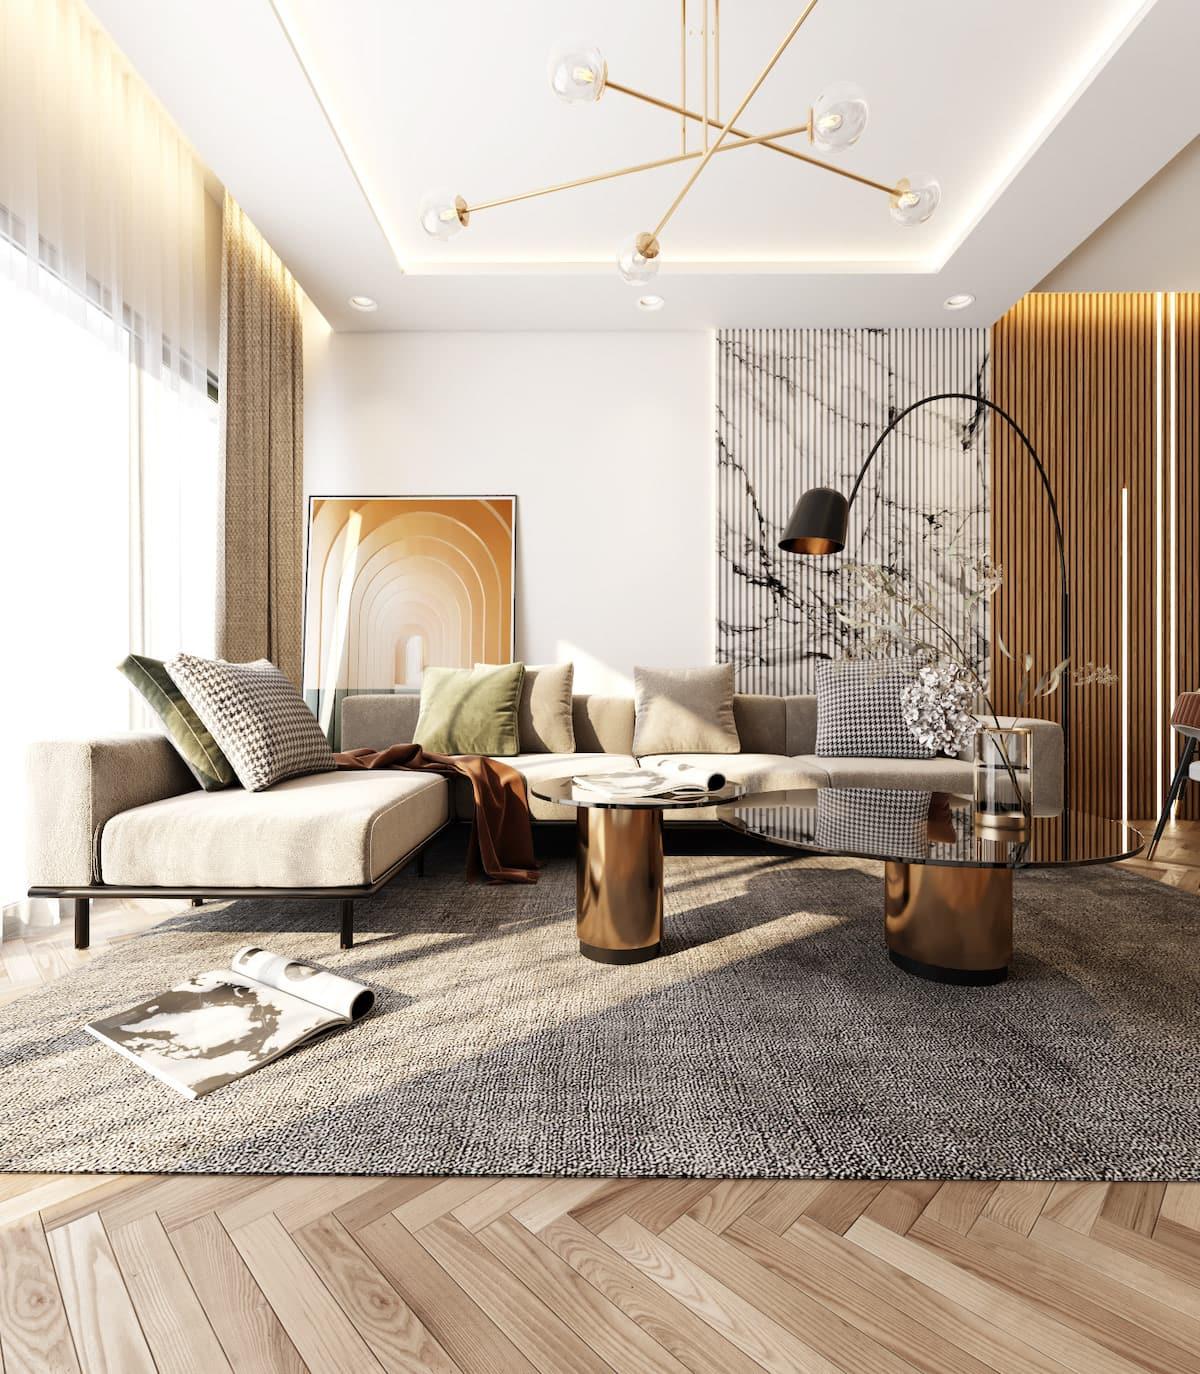 дизайн интерьера гостиной фото 1